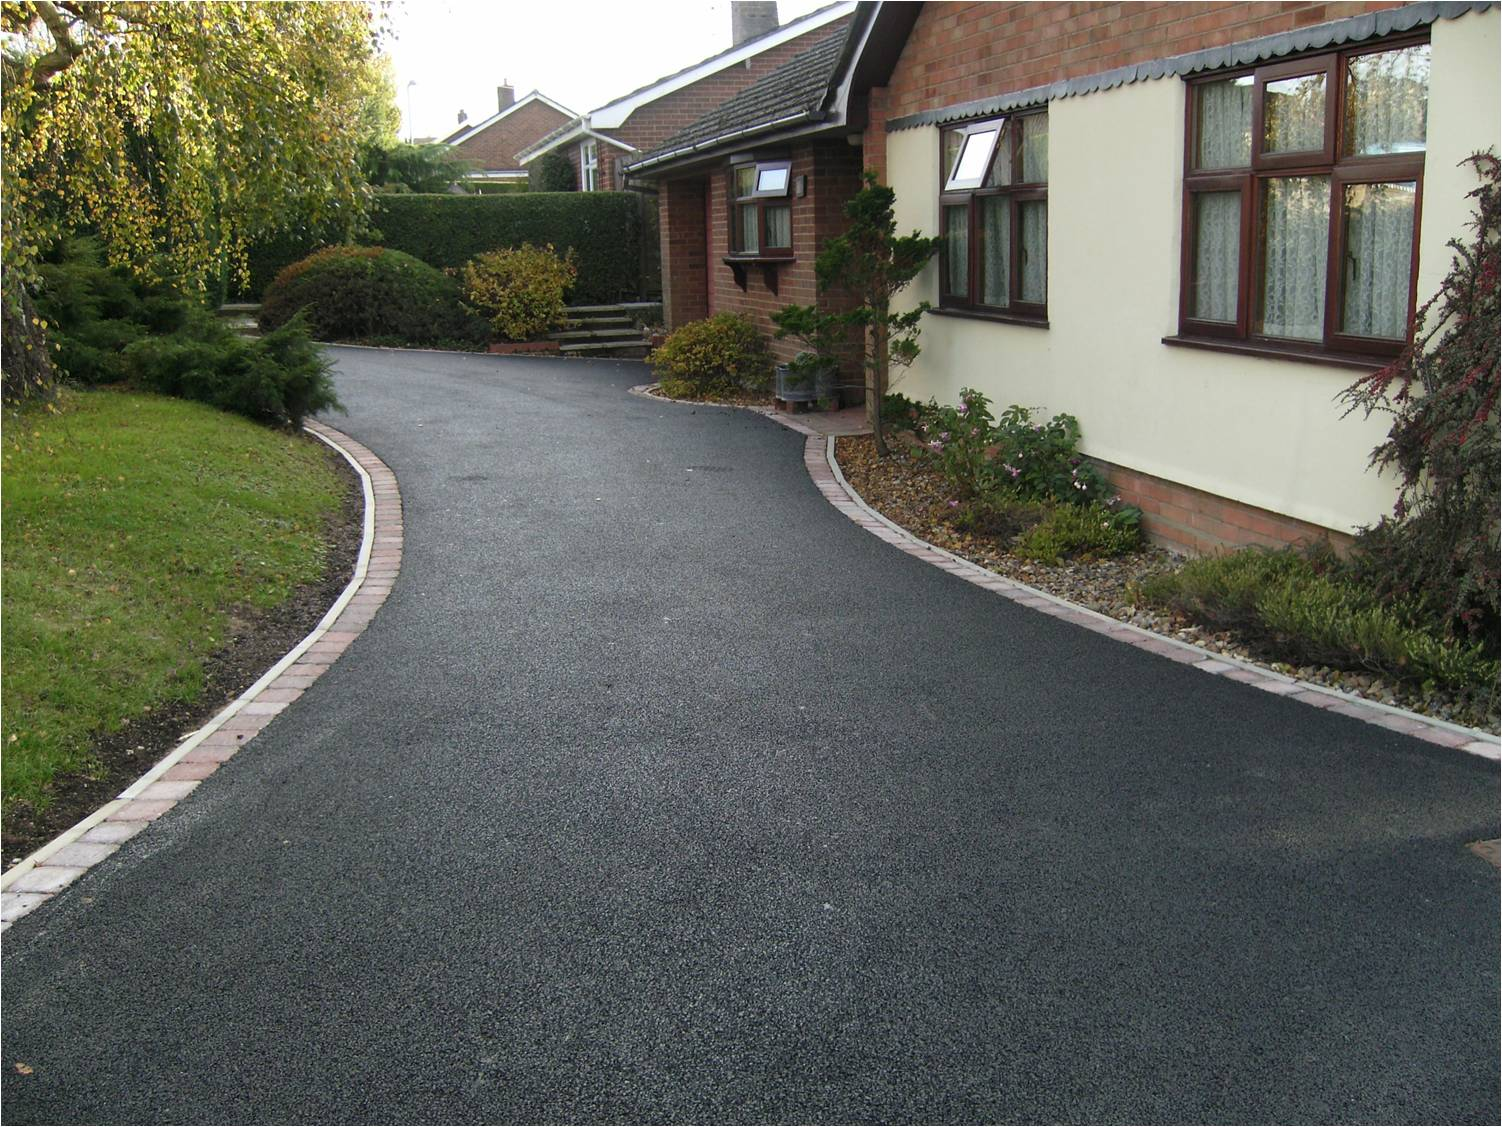 Tarmac driveways Kent - Tarmac driveways in sittingbourne